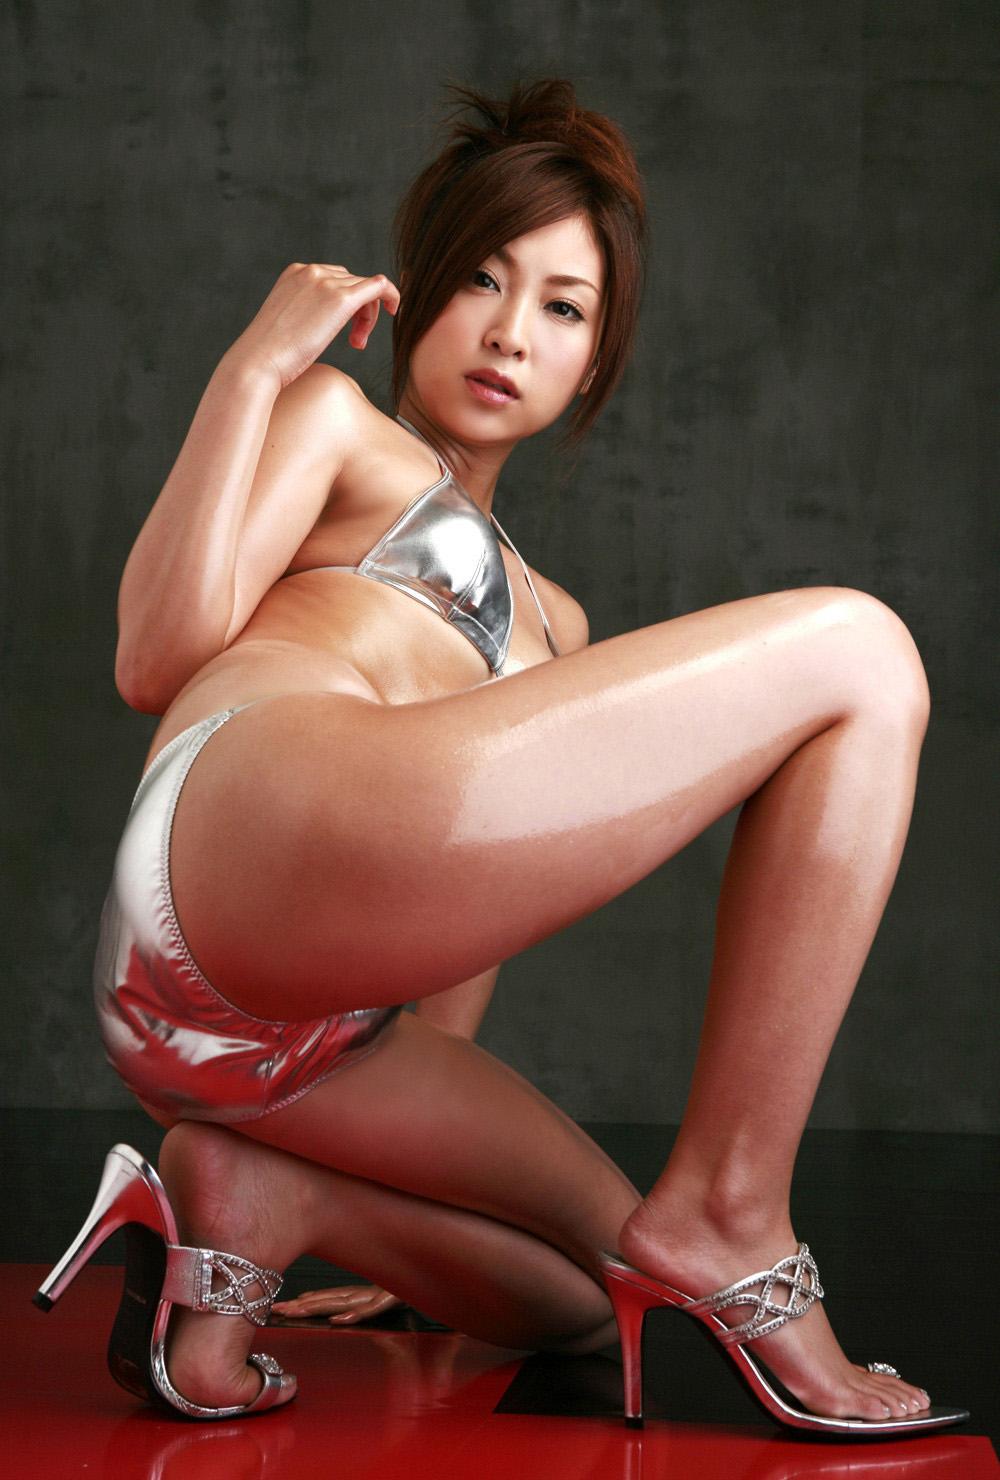 辰巳奈都子 画像 掲示板 95